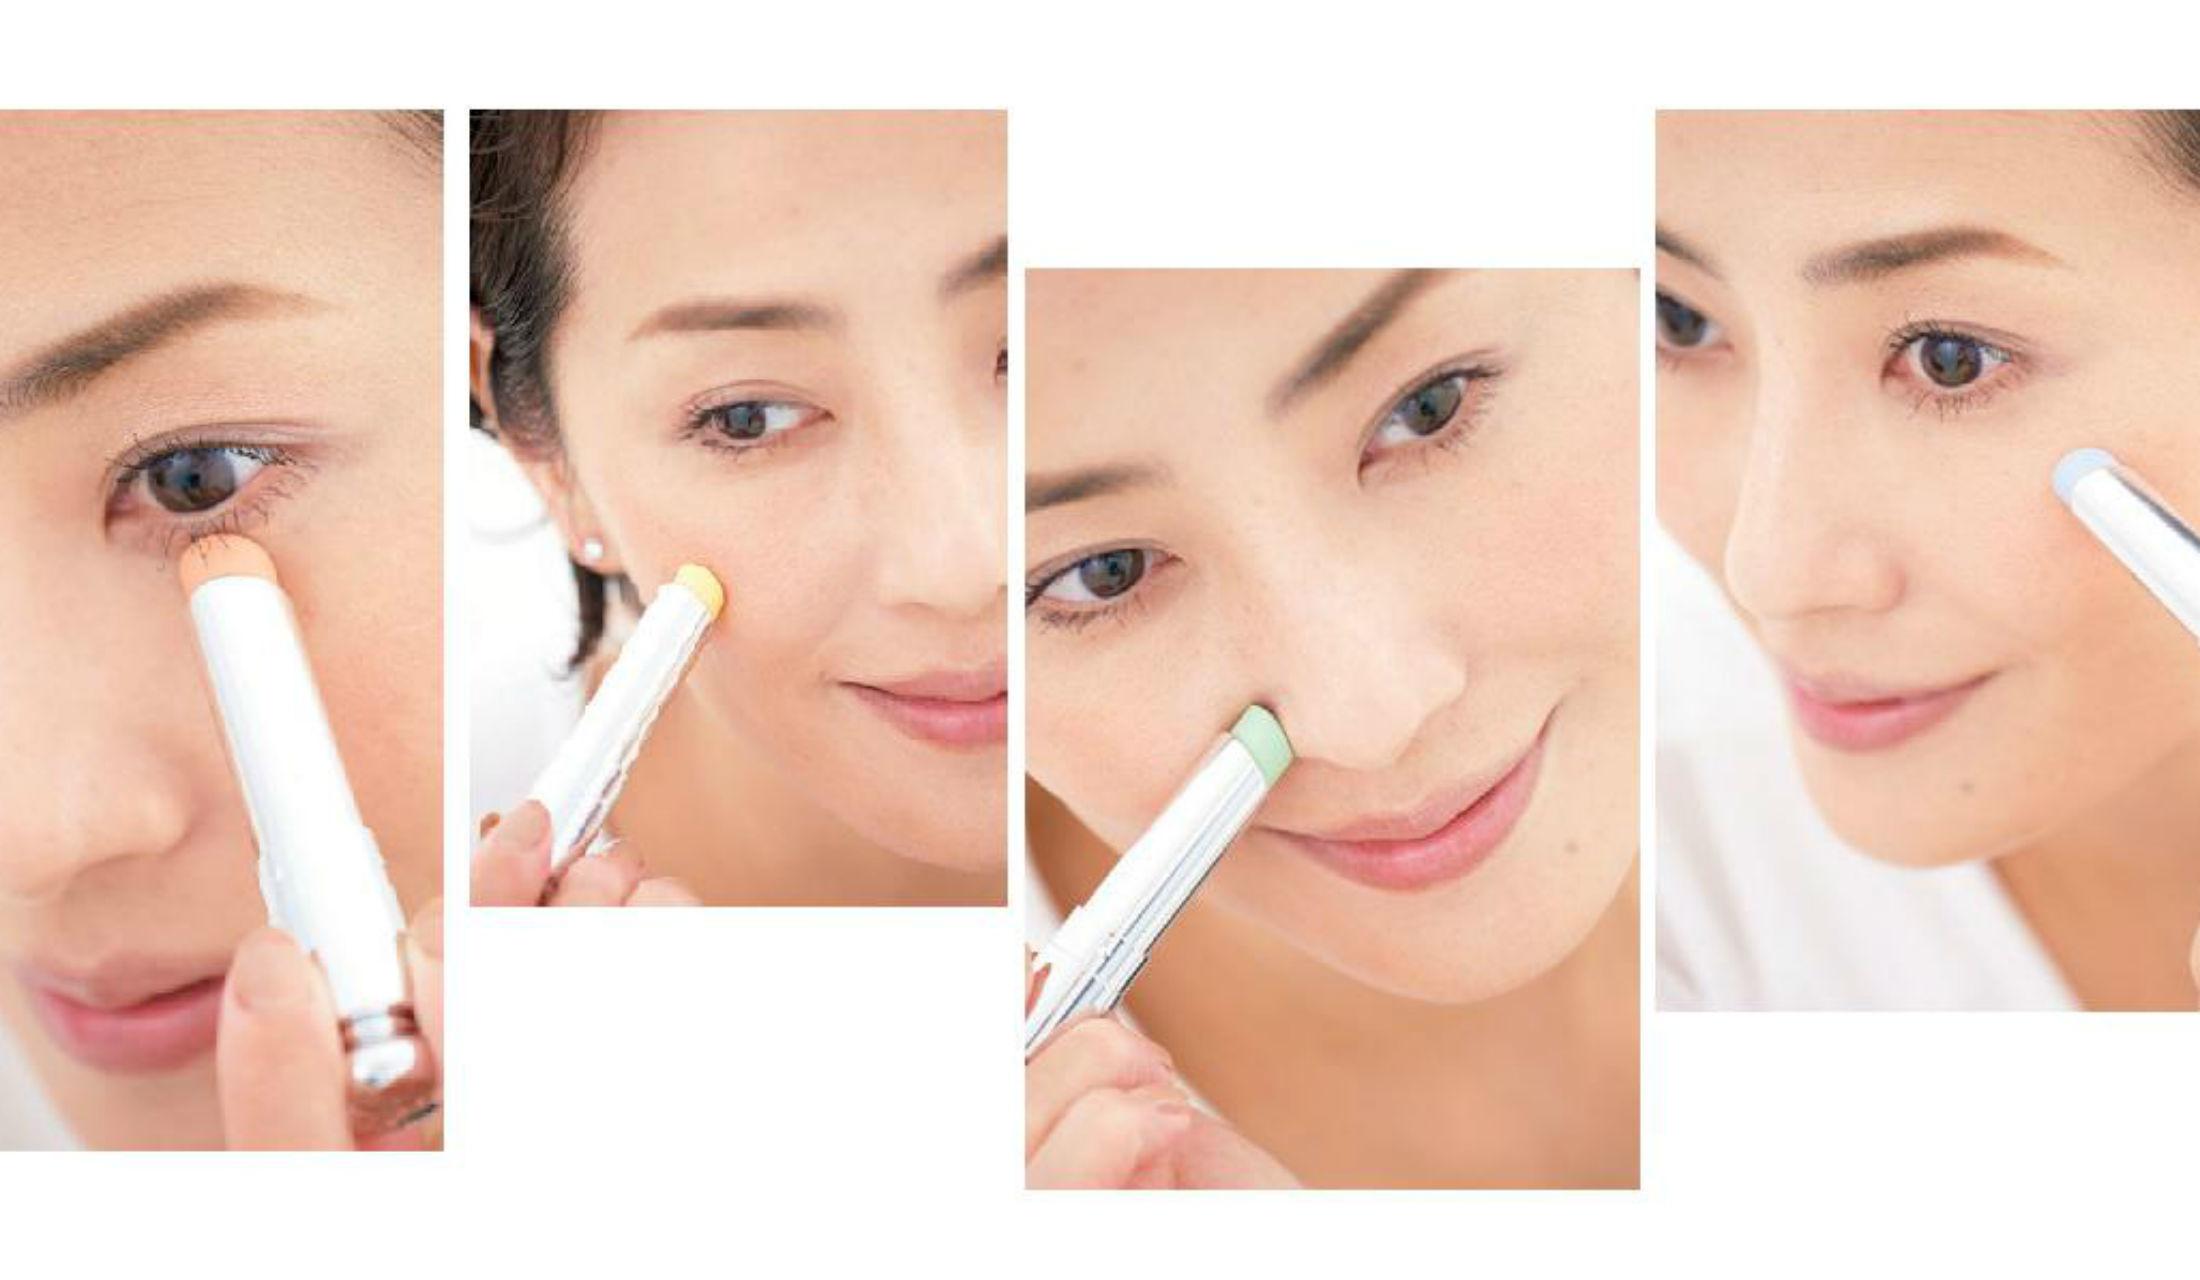 コンシーラーを顔の様々な場所に当てているモデル・真樹麗子の顔4つ